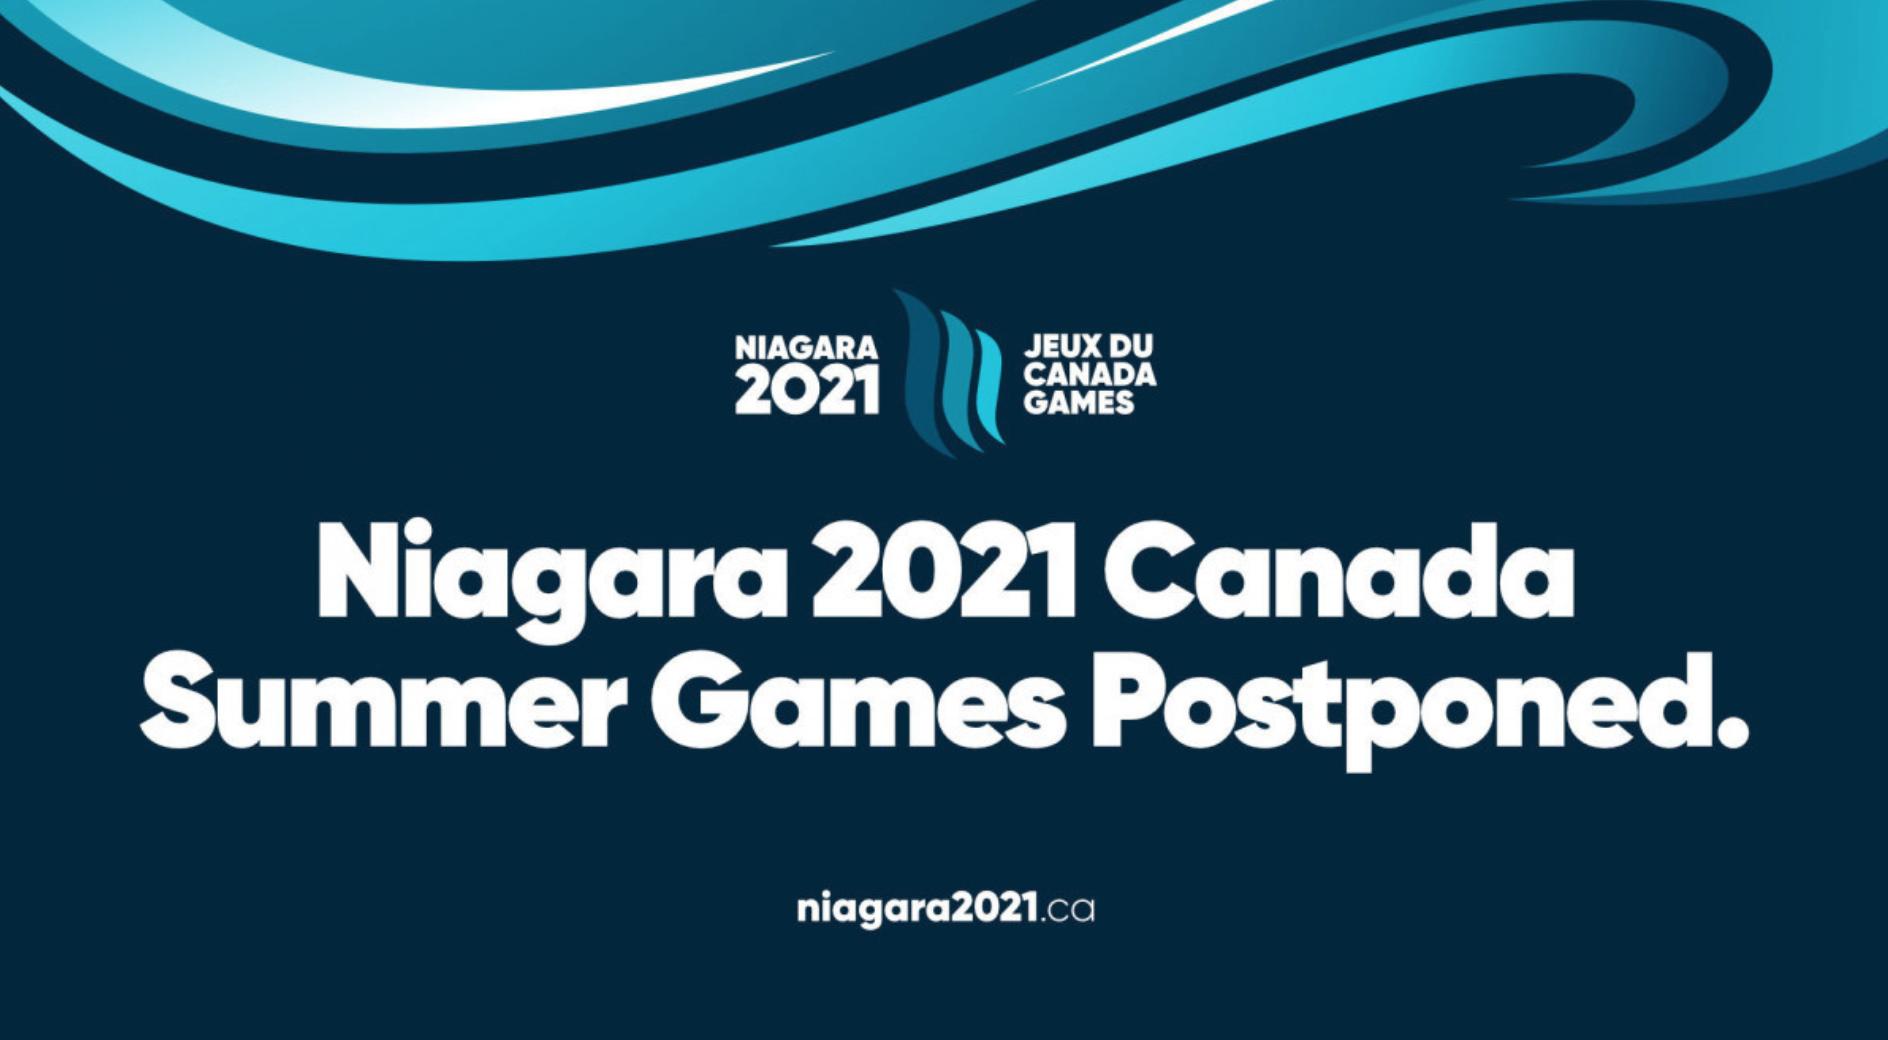 Les Jeux du Canada remis à 2022